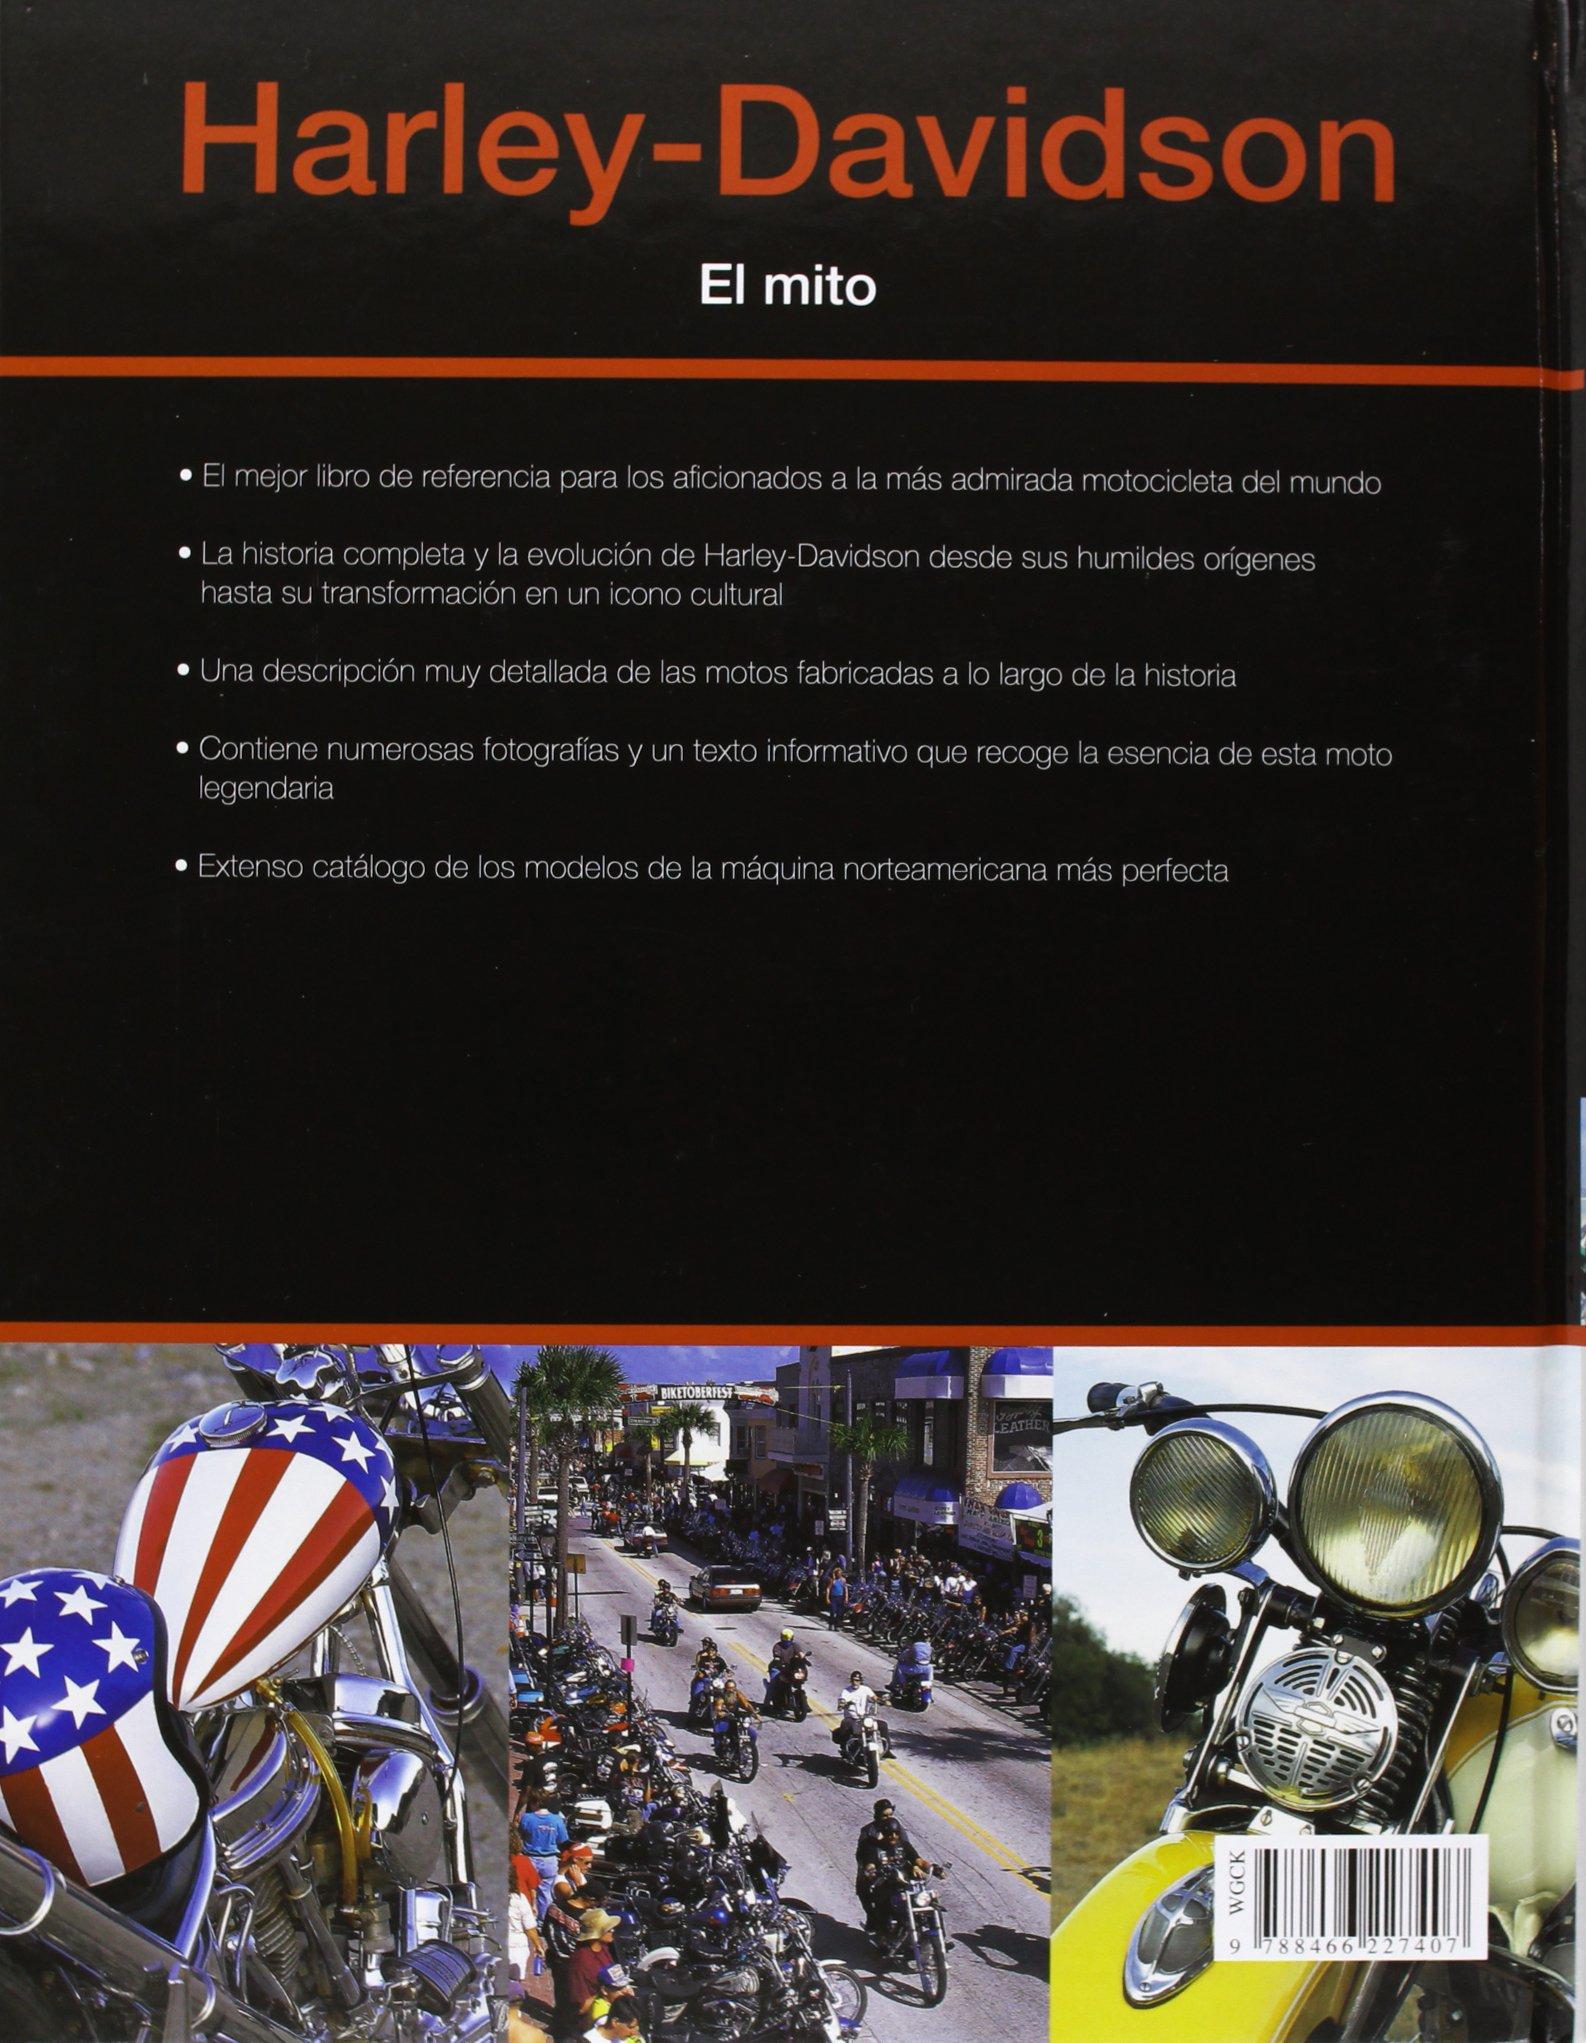 Harley-Davidson. El Mito (Motor): Amazon.es: Mac McDiarmid, Antonio Rincón Córcoles: Libros